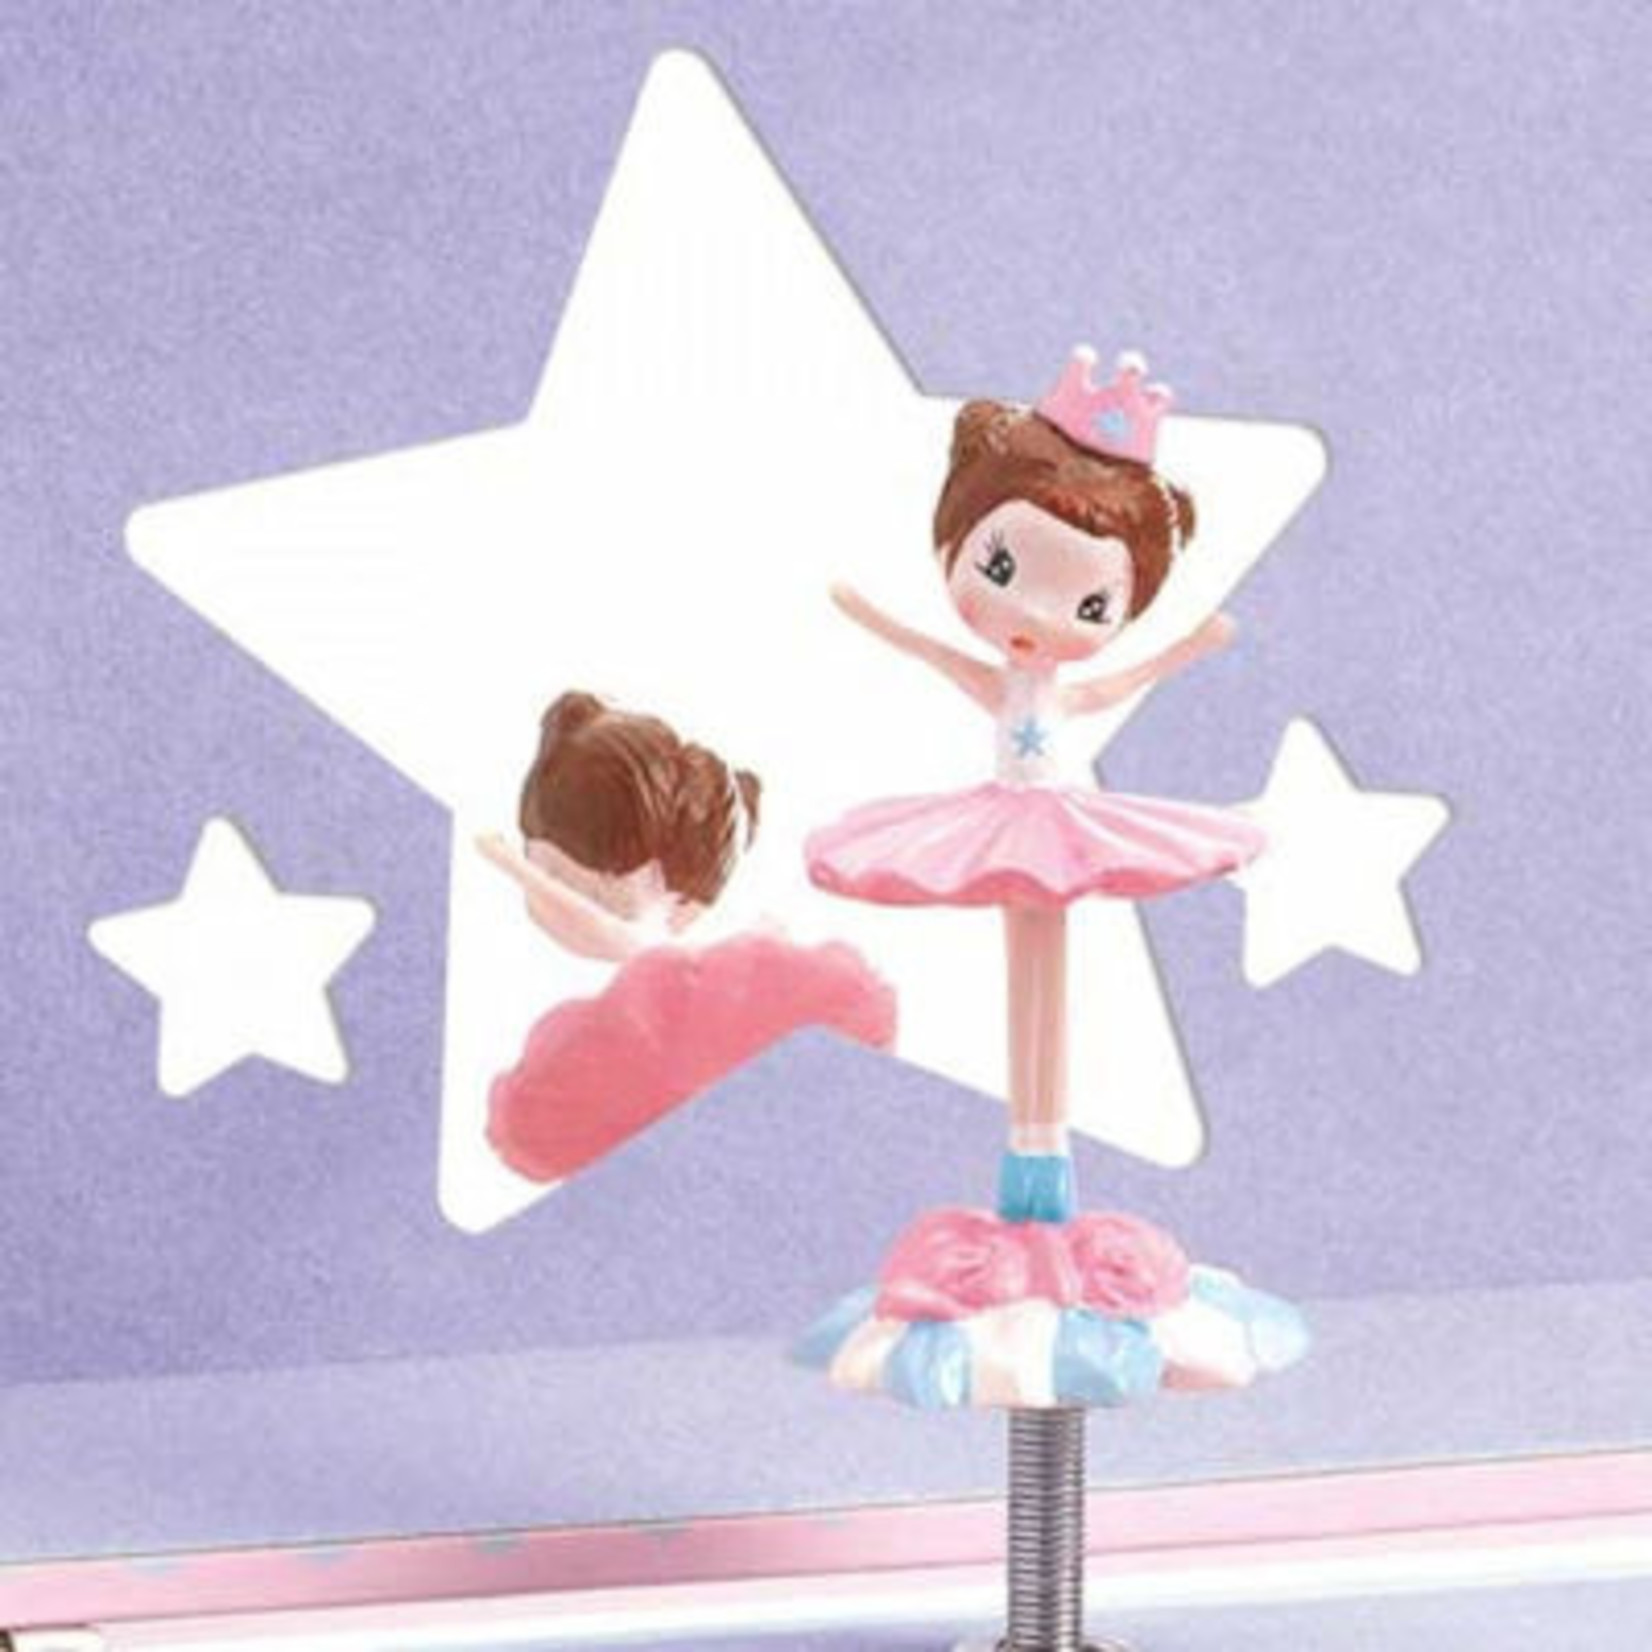 Djeco Muziek/juwelendoosje Ballerina's melodie